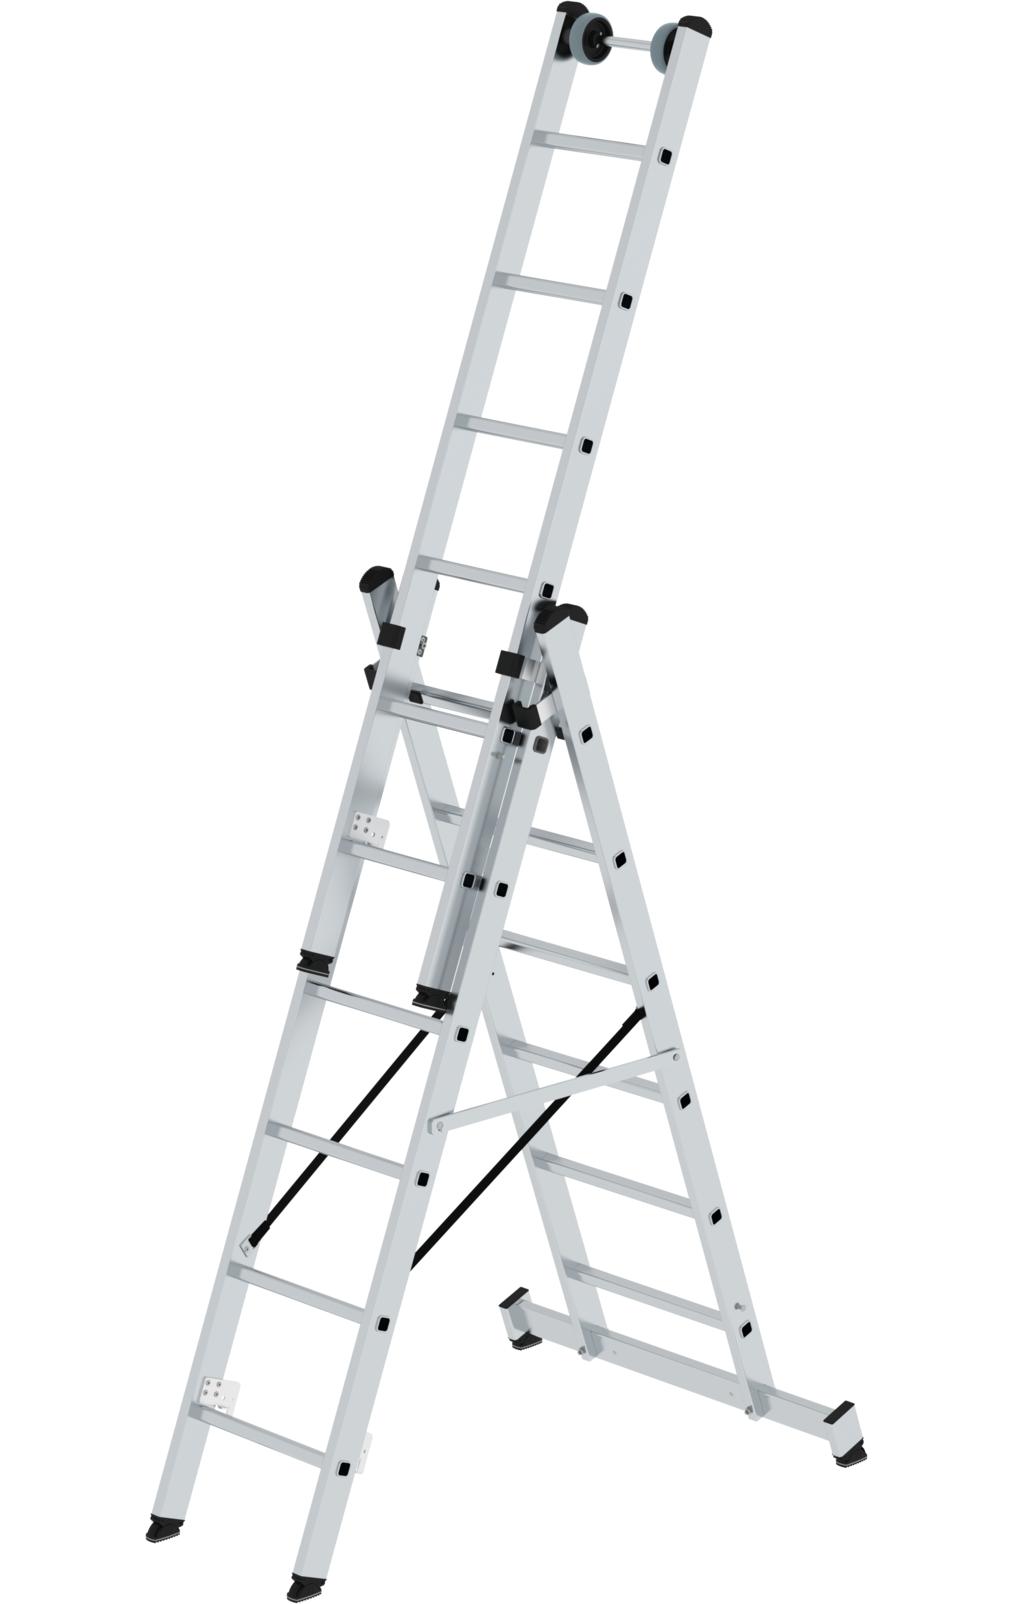 Tragbare Leiter aus Stahl 3-stufig Garage robust K/üche ideal f/ür Zuhause